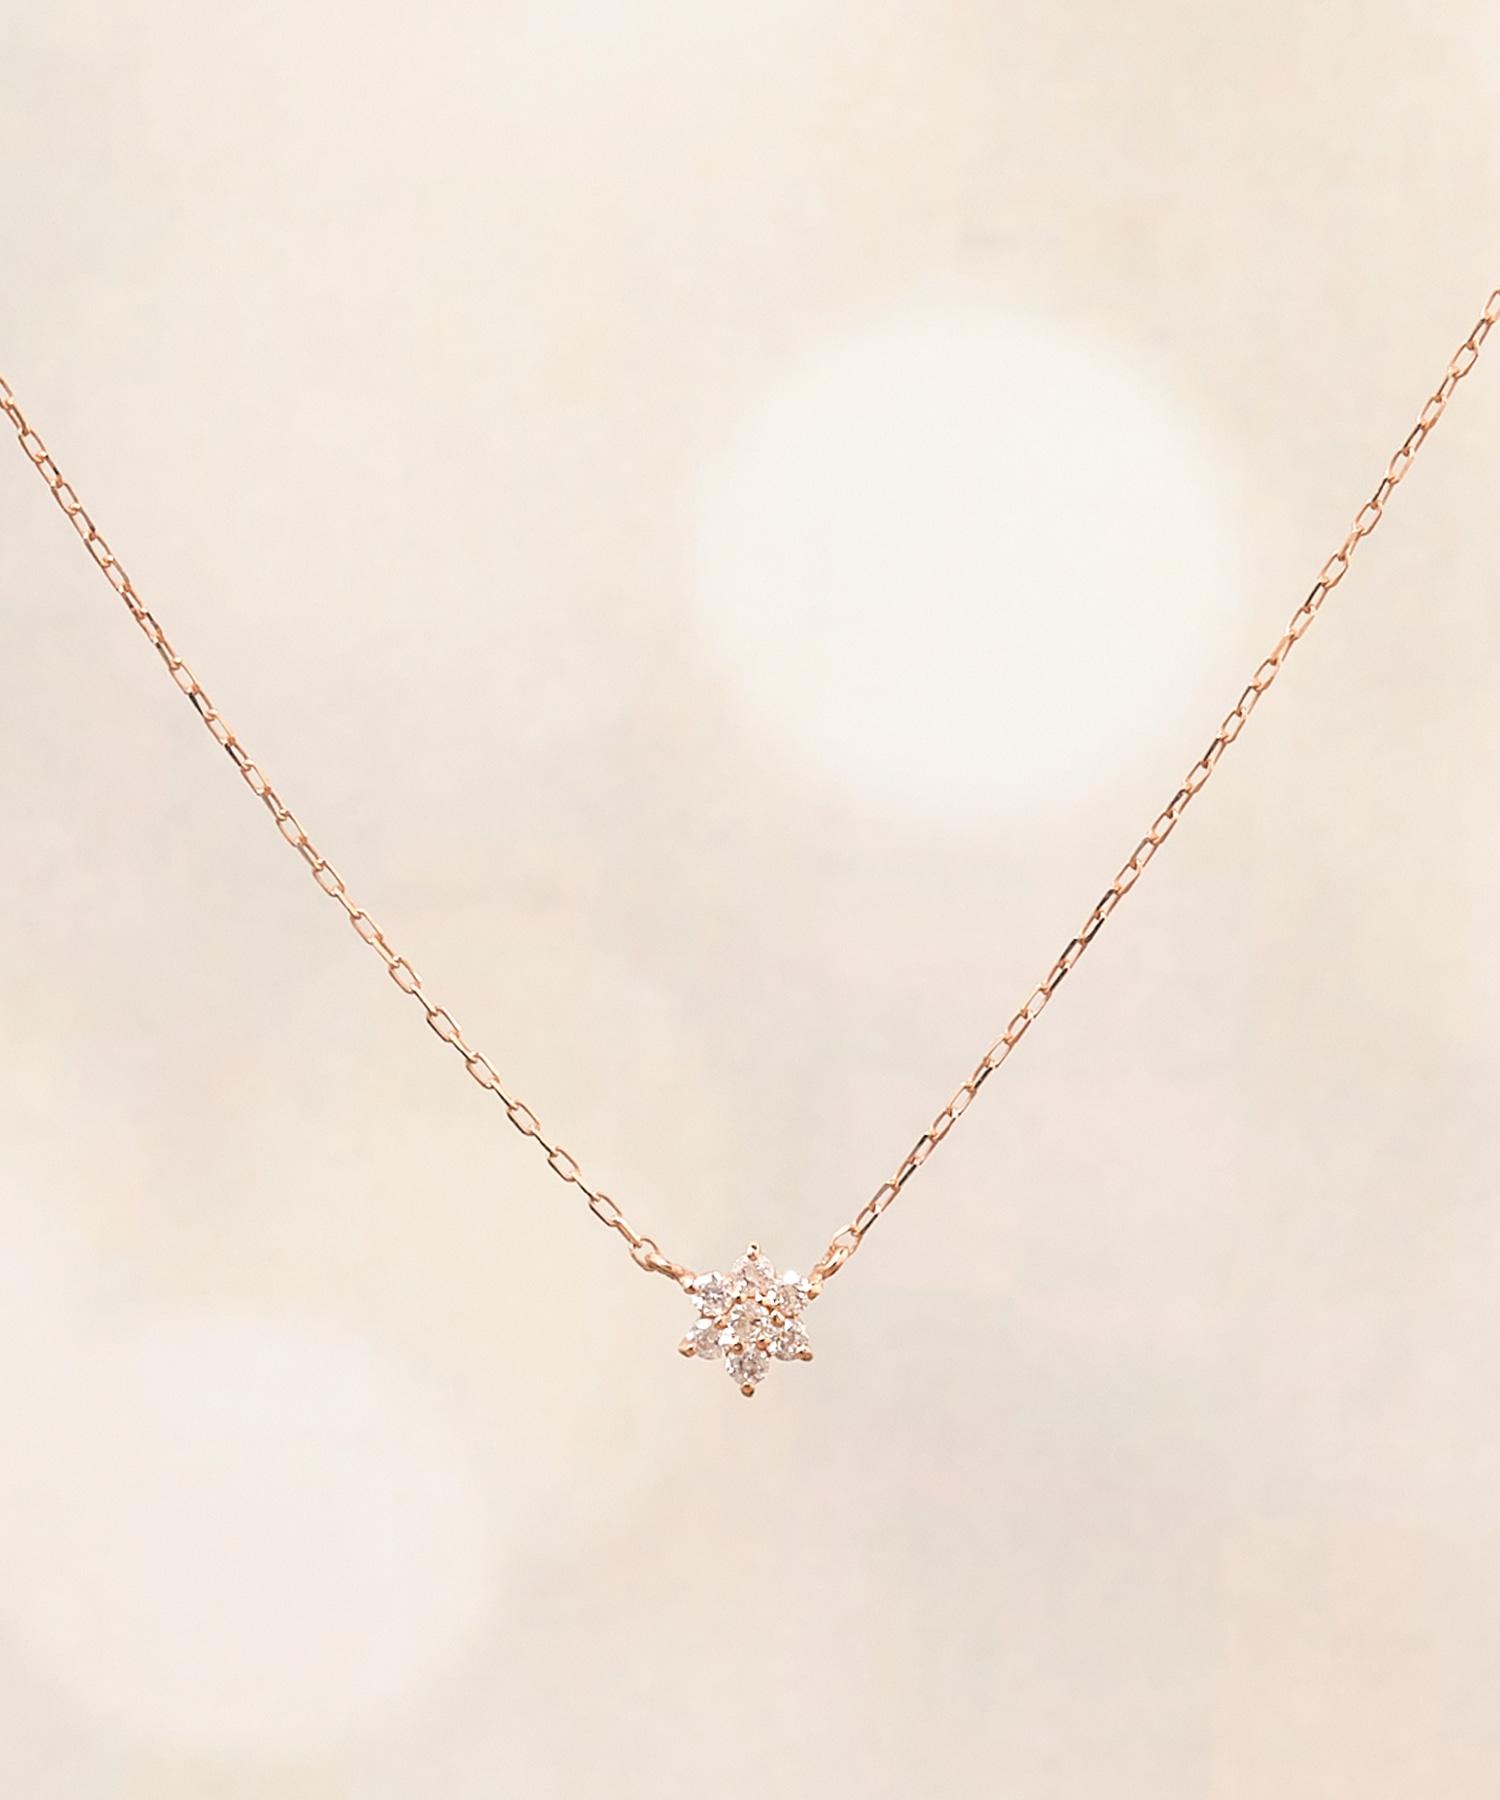 【K10RG】セブンスターダイヤモンドネックレス